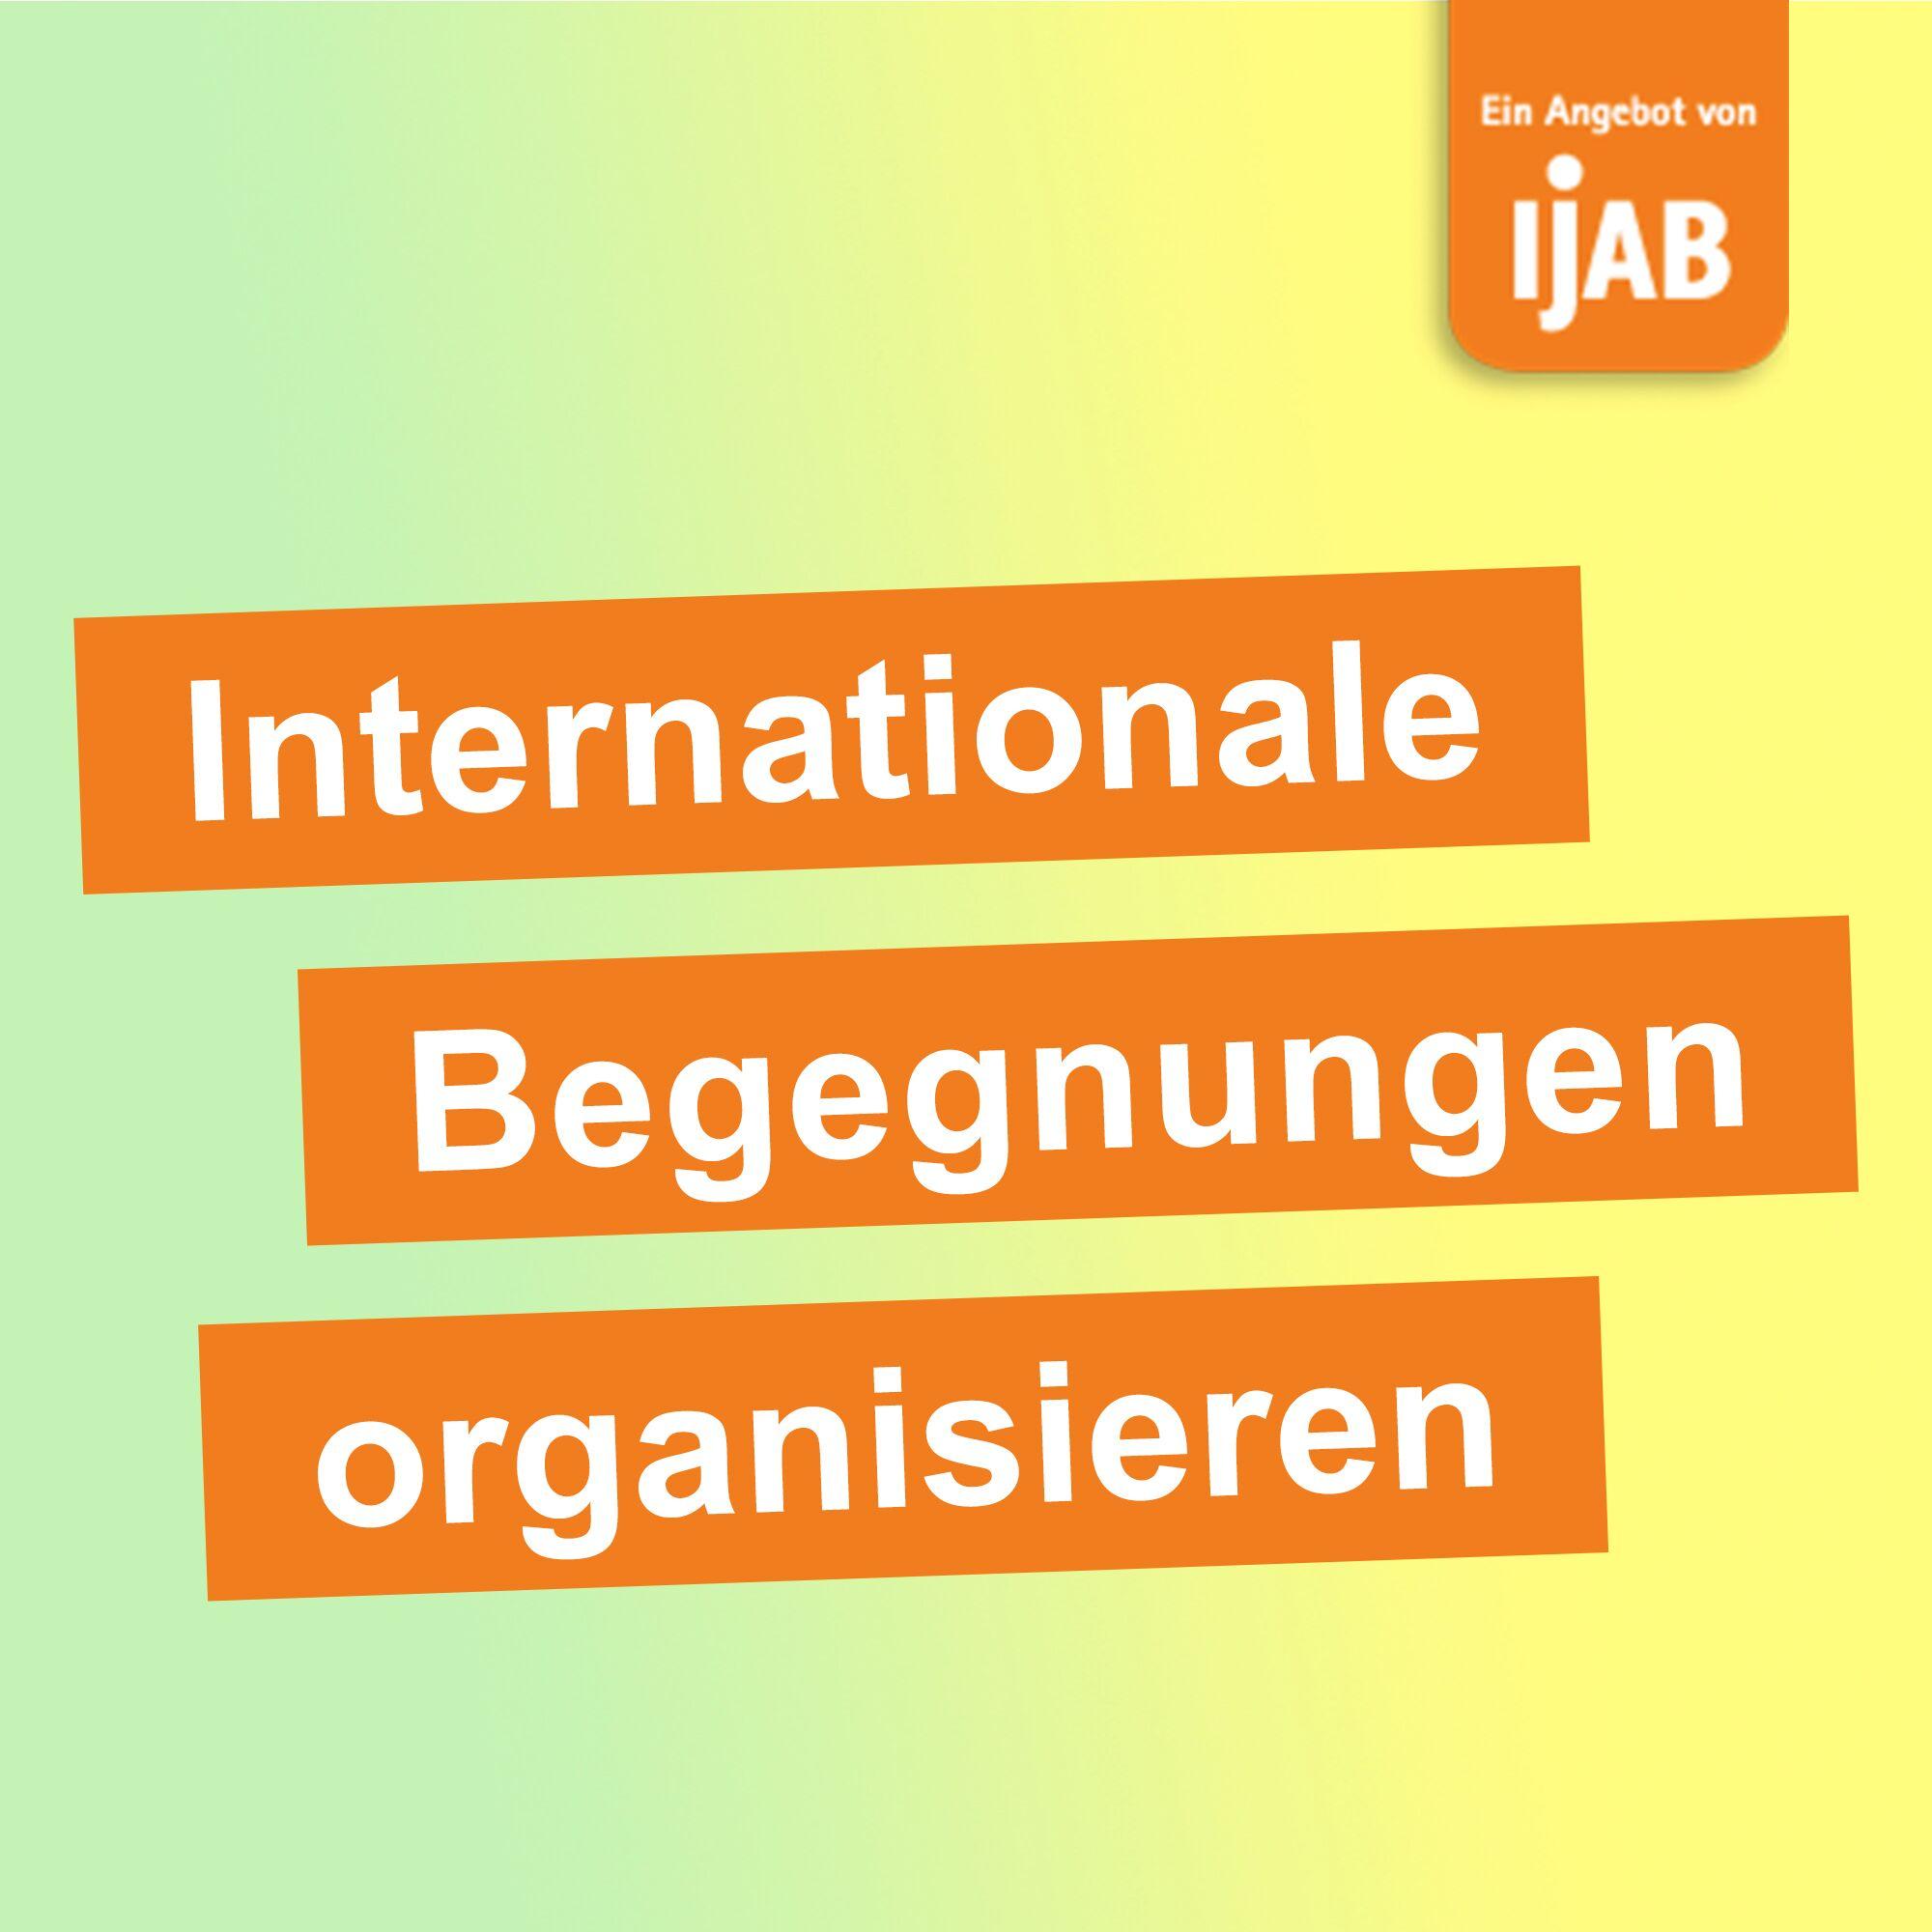 Internationale partnersuche kostenlos